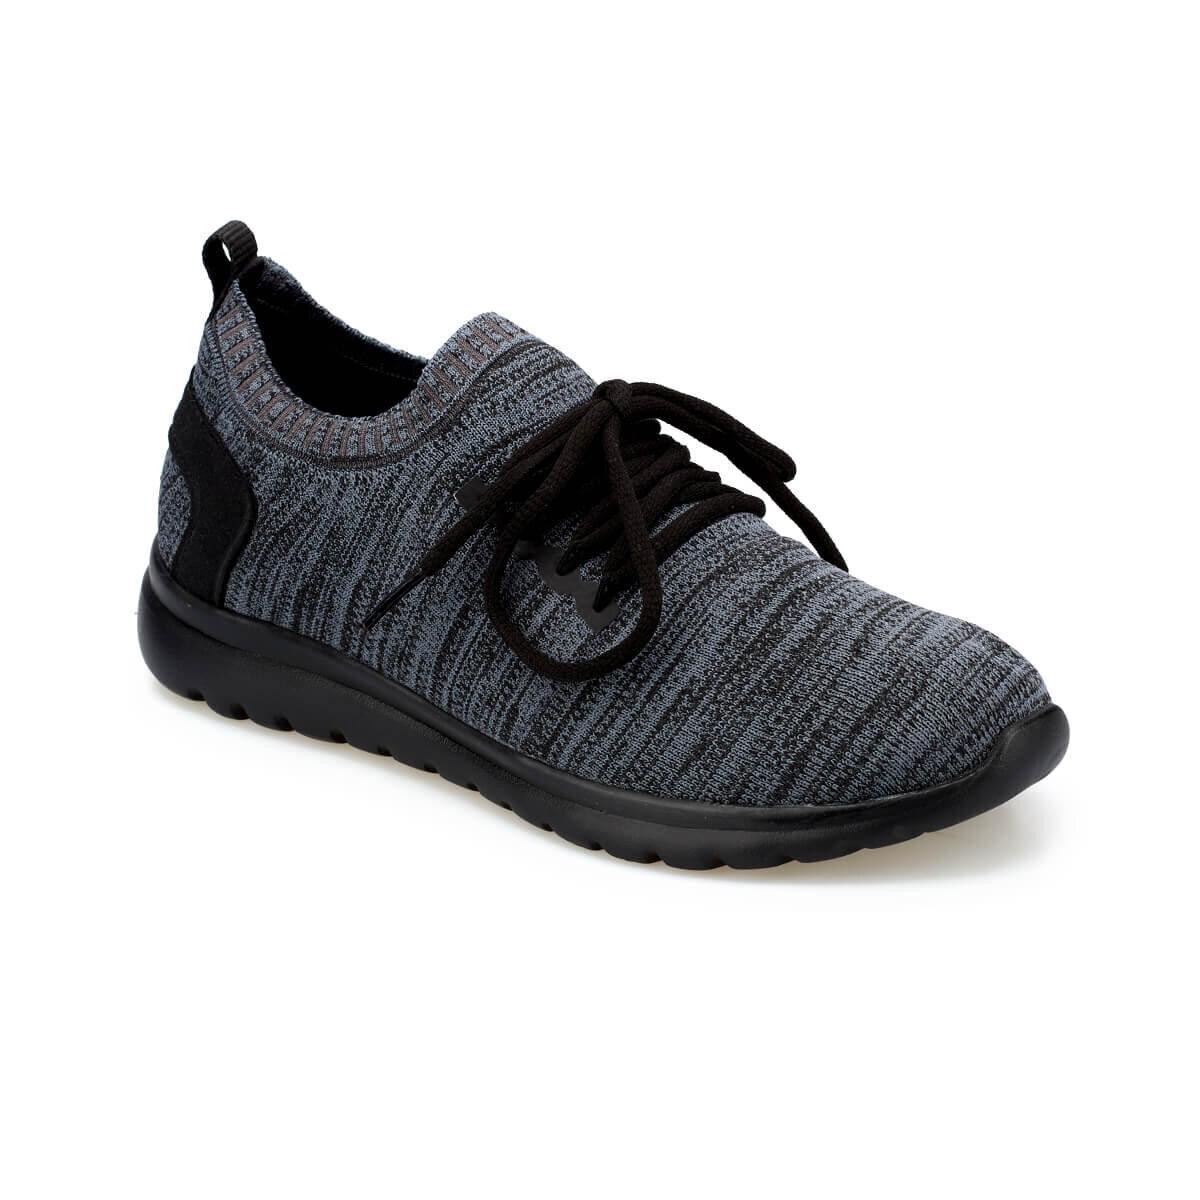 Koyu Gri Erkek Fitness Ayakkabısı NITO